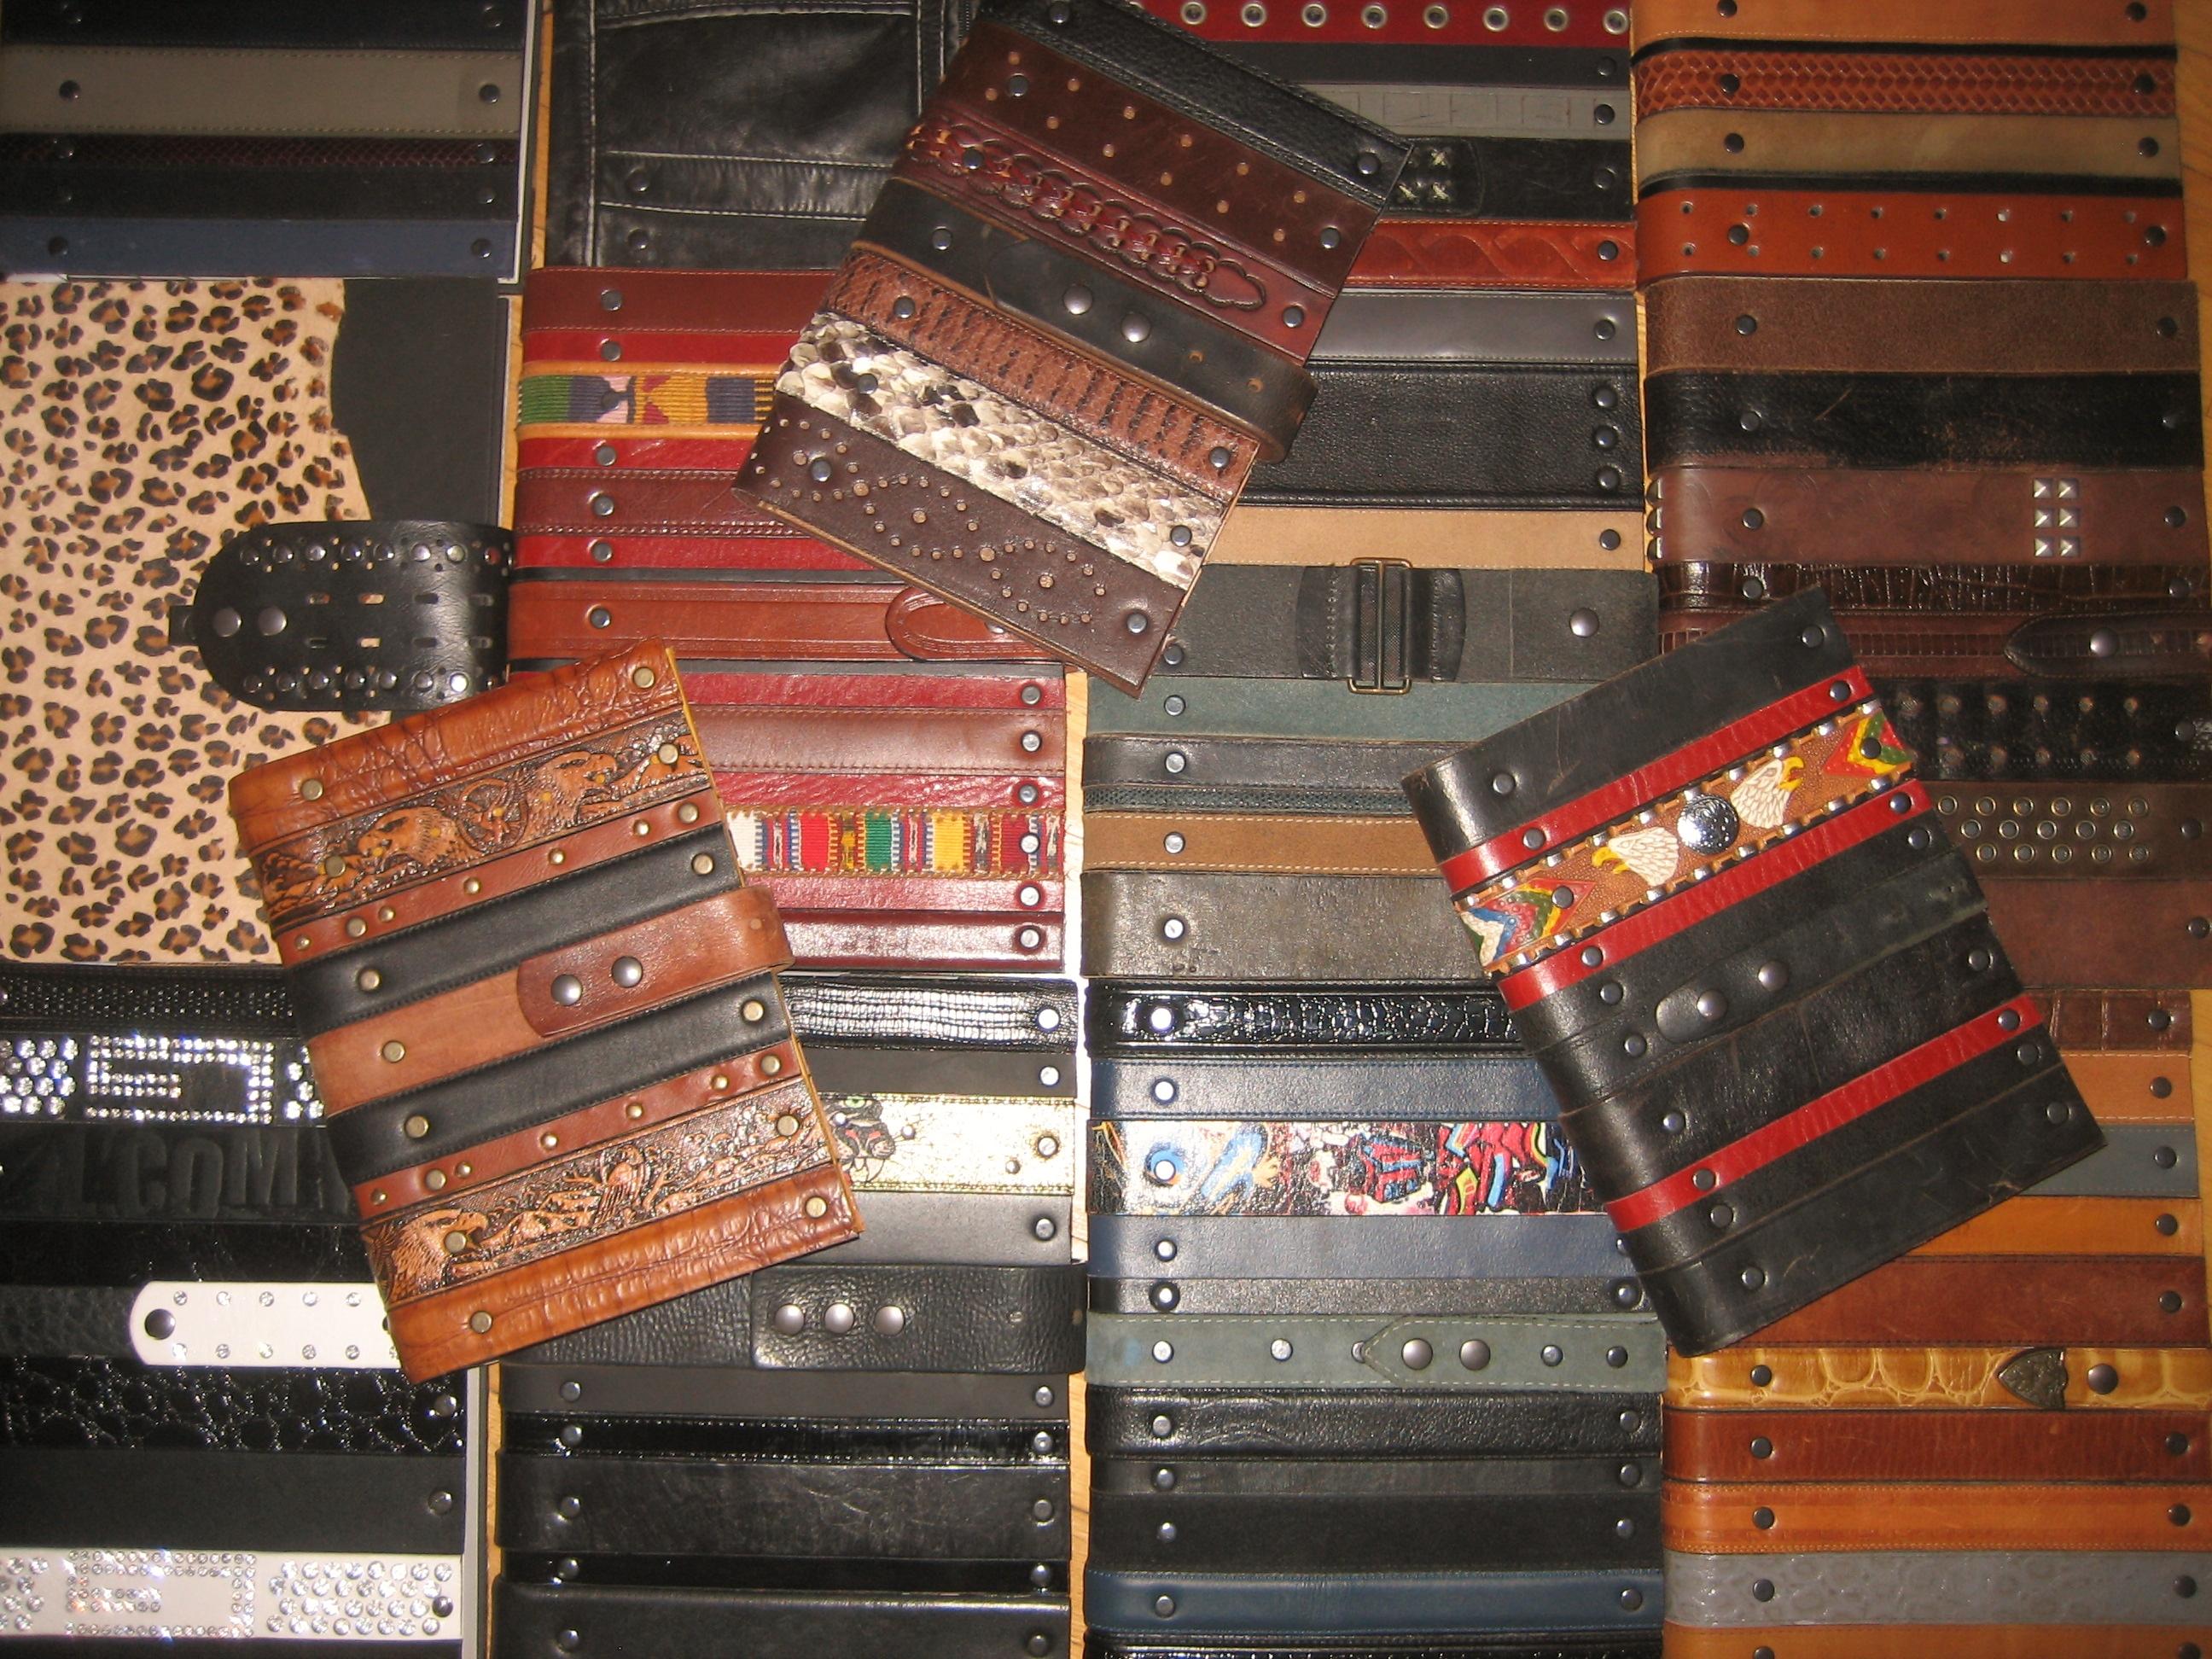 livres faits de ceintures recyclées